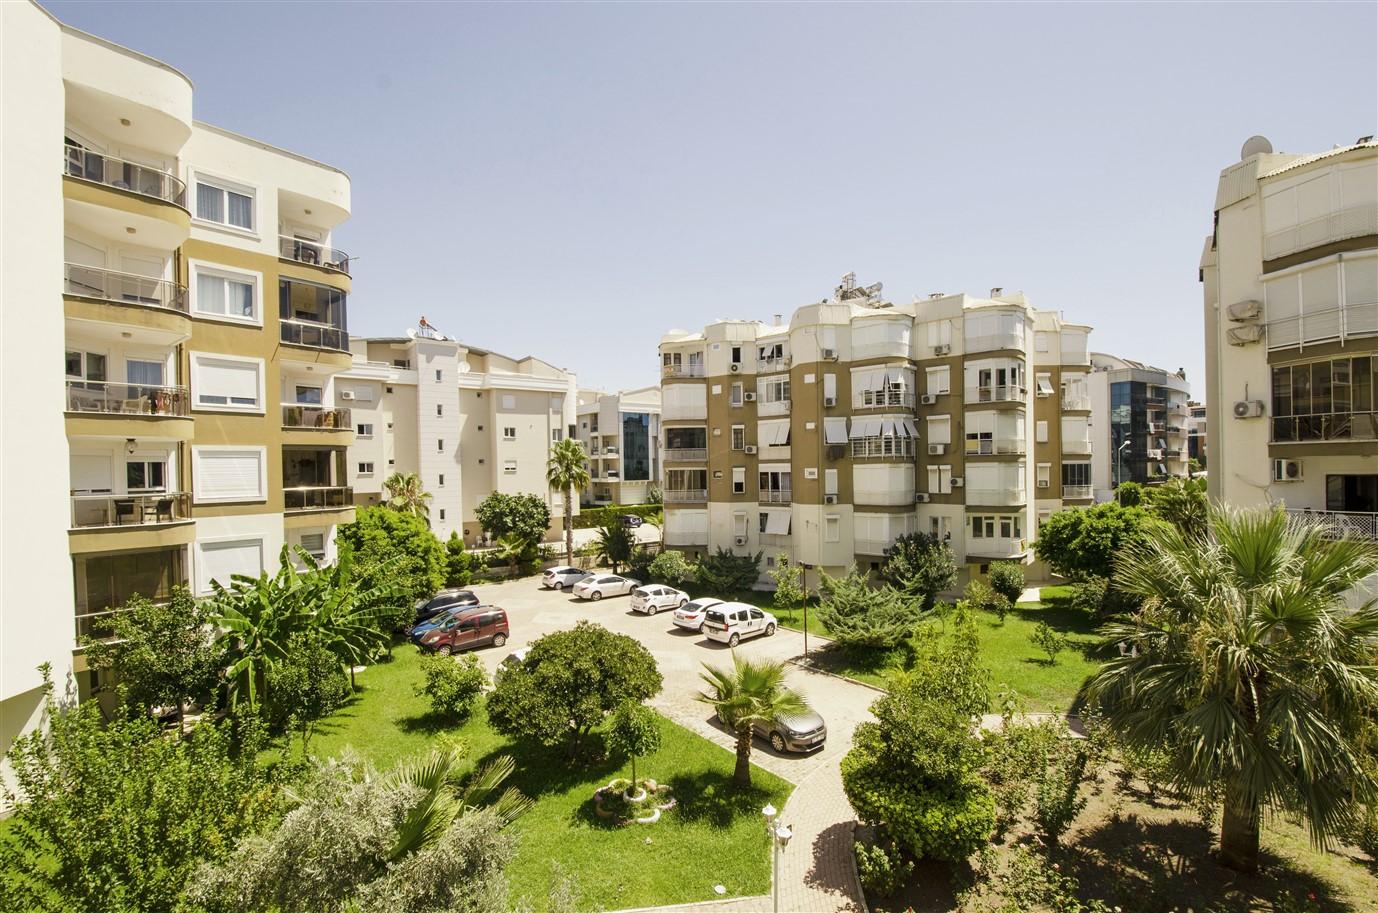 Трёхкомнатная квартира в микрорайоне Лиман Анталья - Фото 14